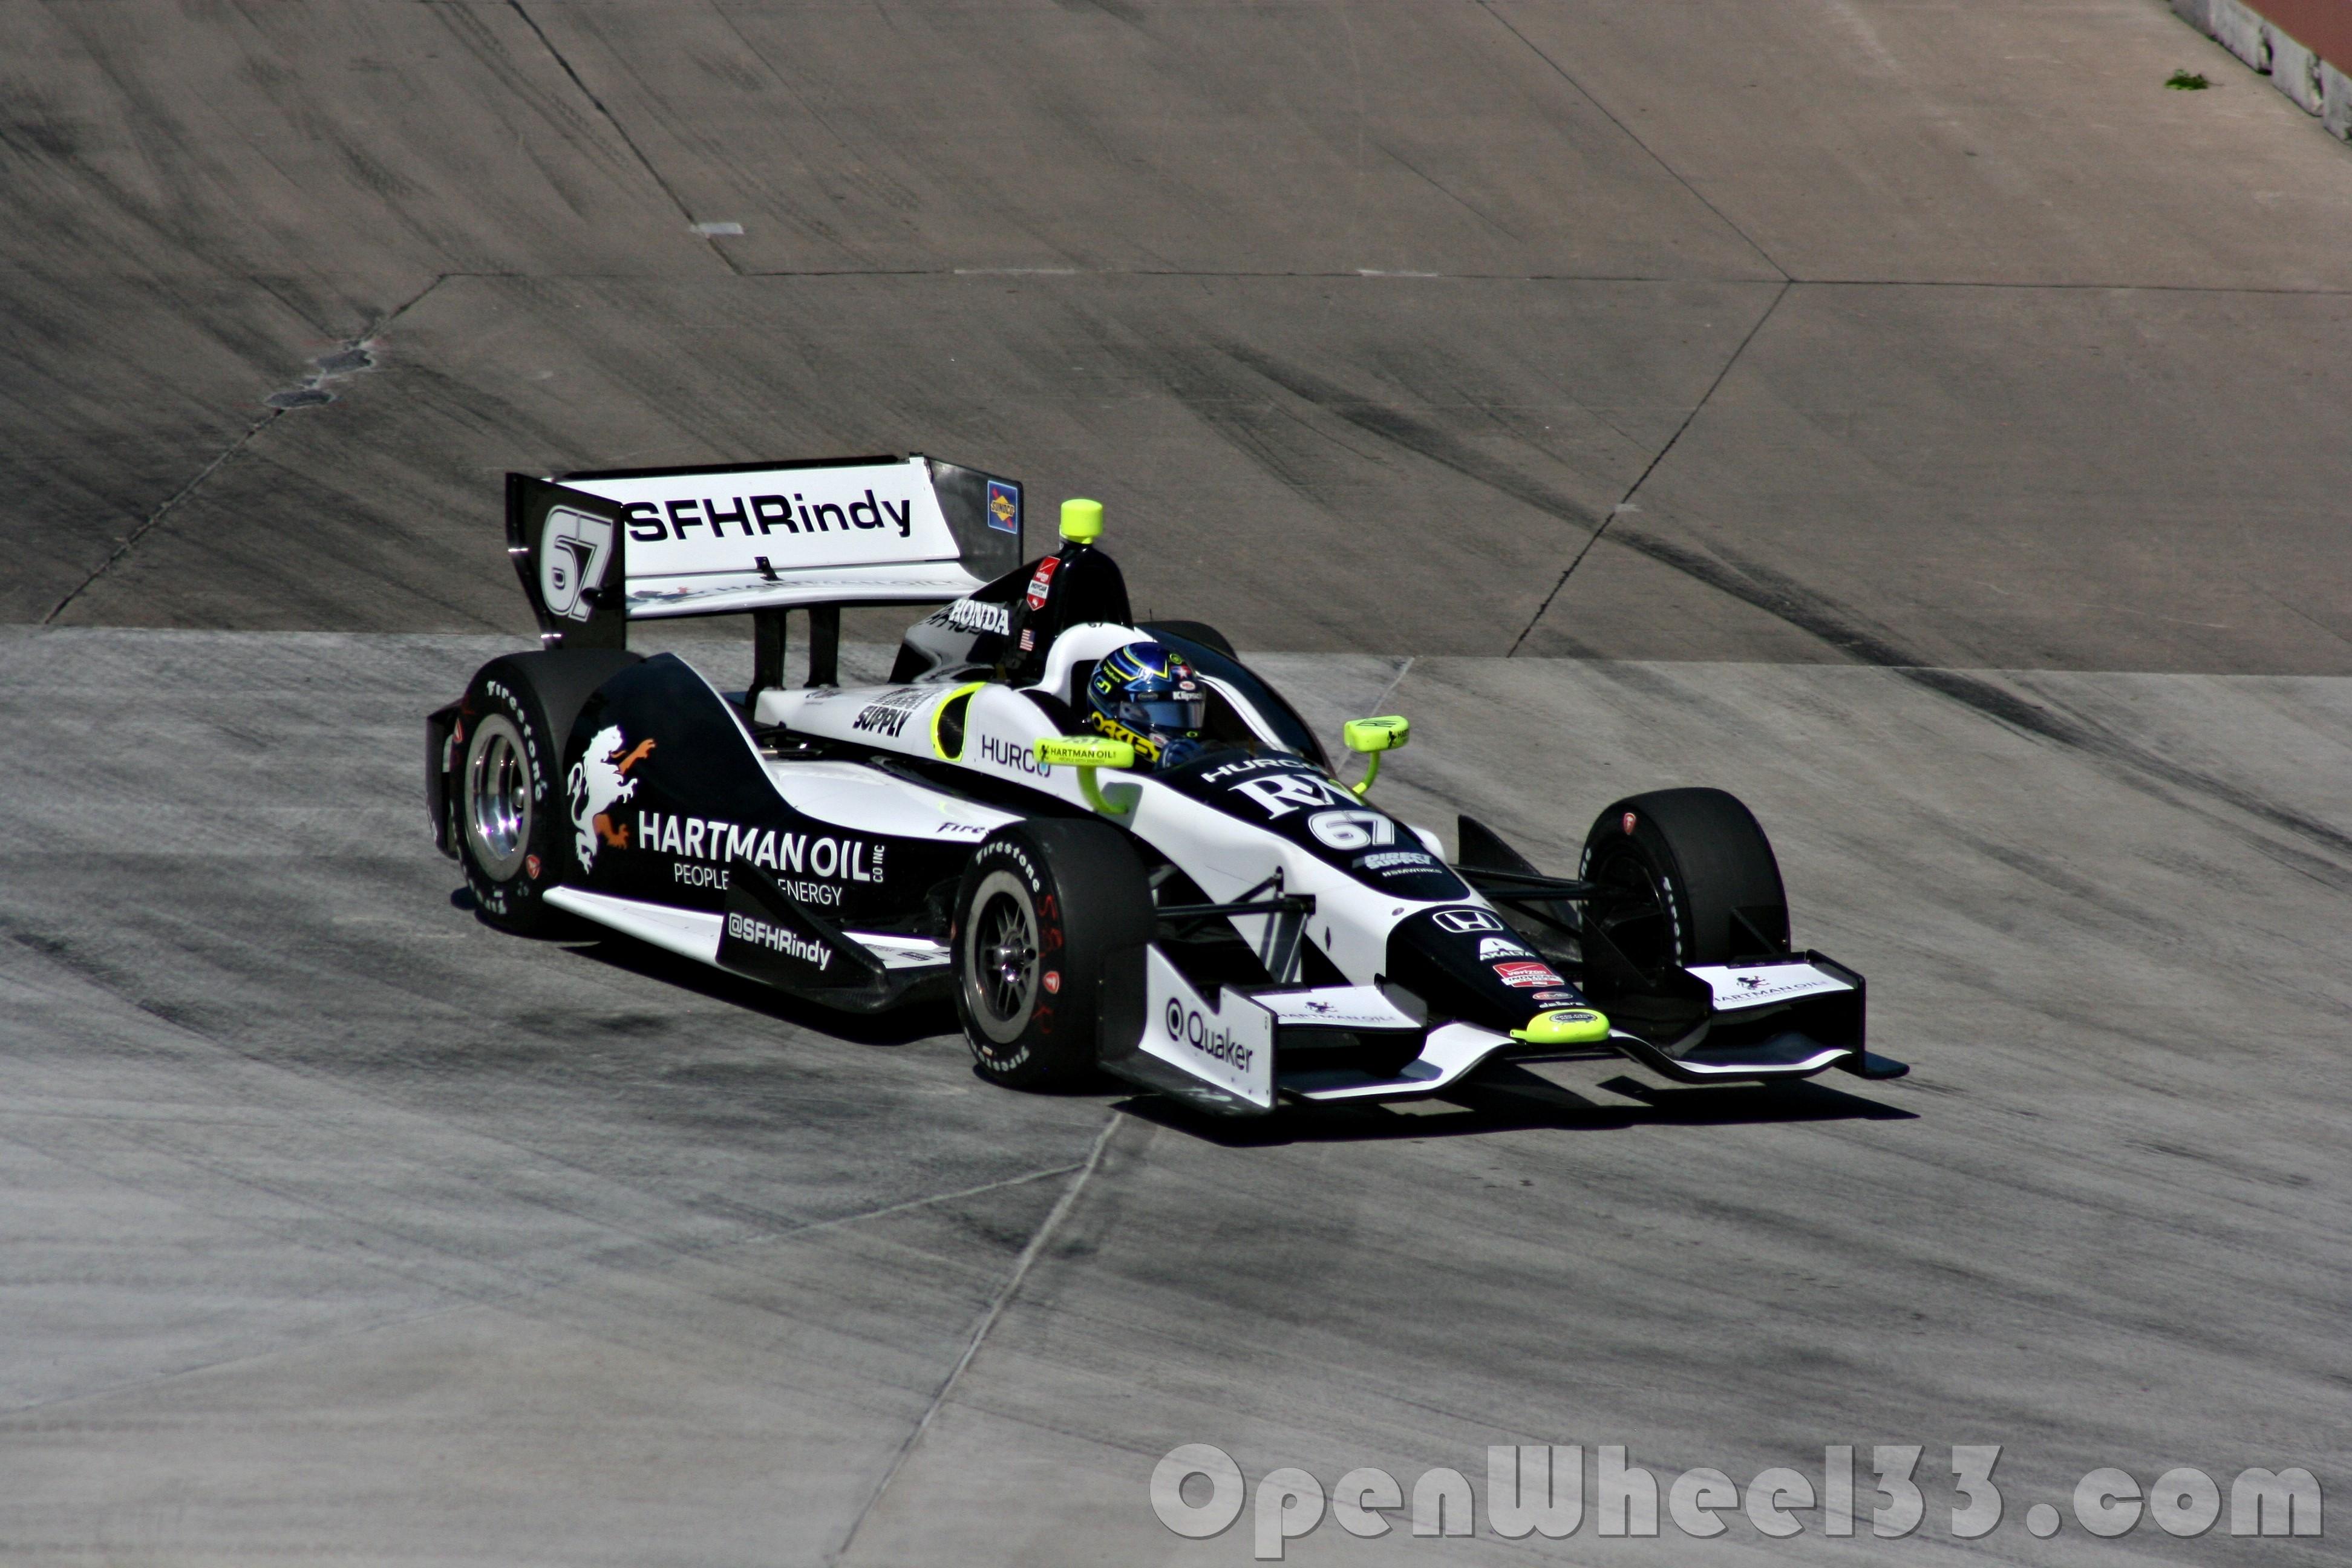 2014 Detroit GP R2 - 14 - PH